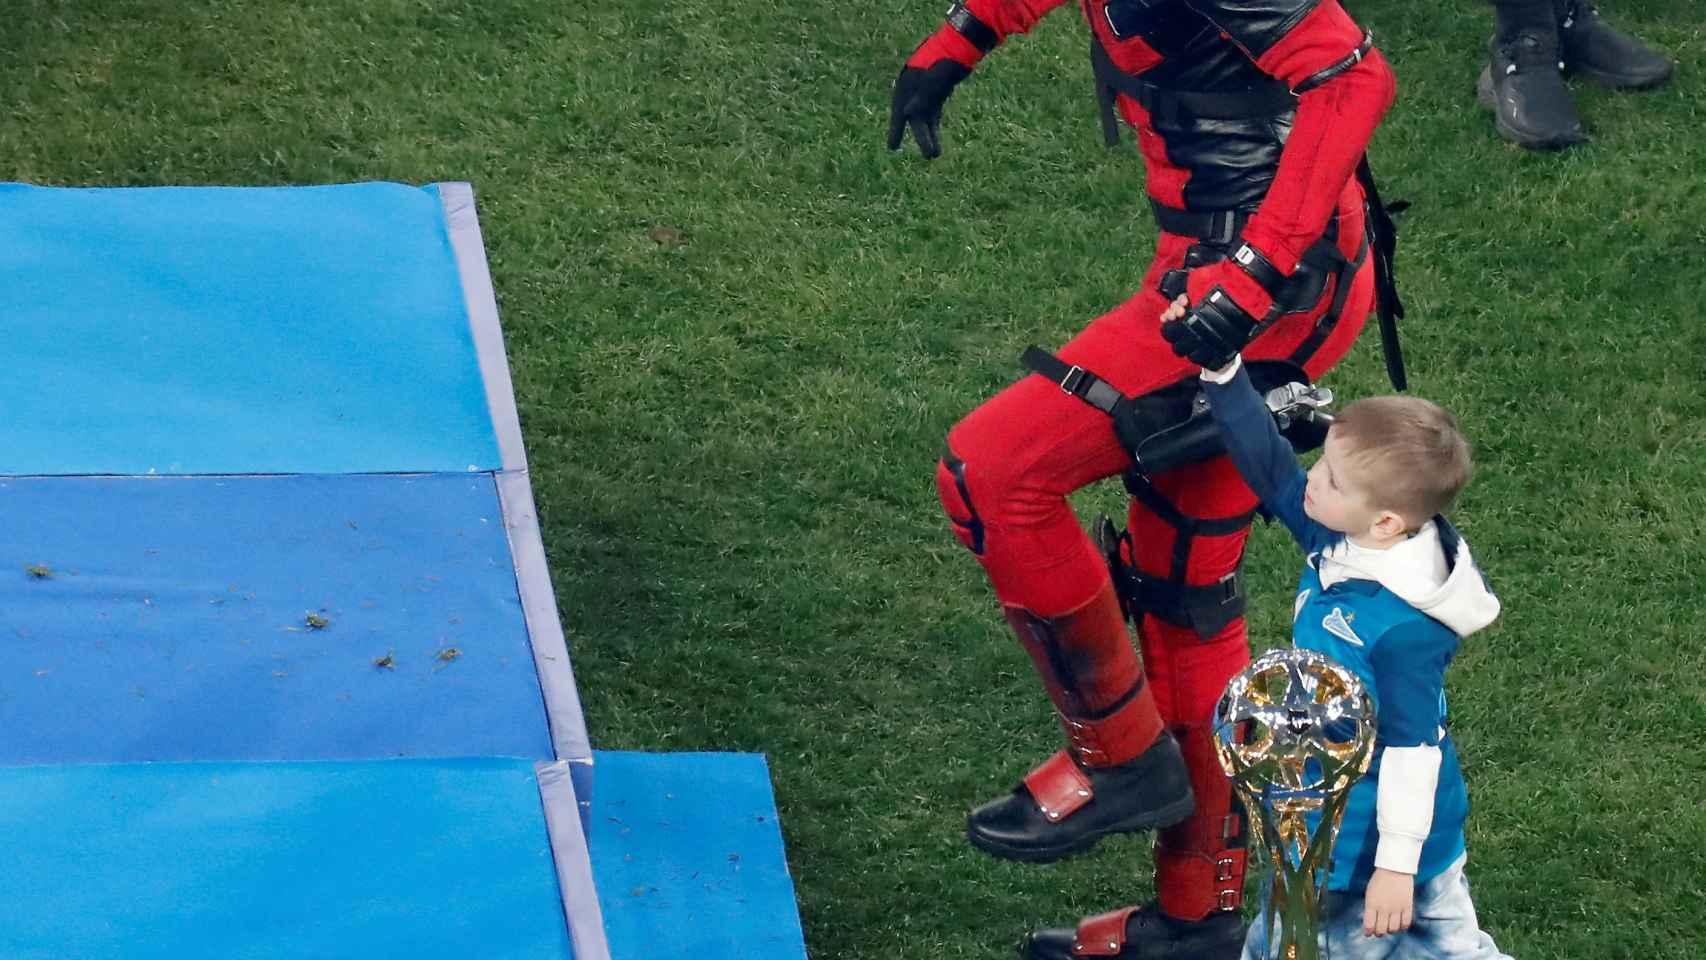 Artem Dzyuba, disfrazado de Deadpool para recoger el trofeo de la Premier League rusa